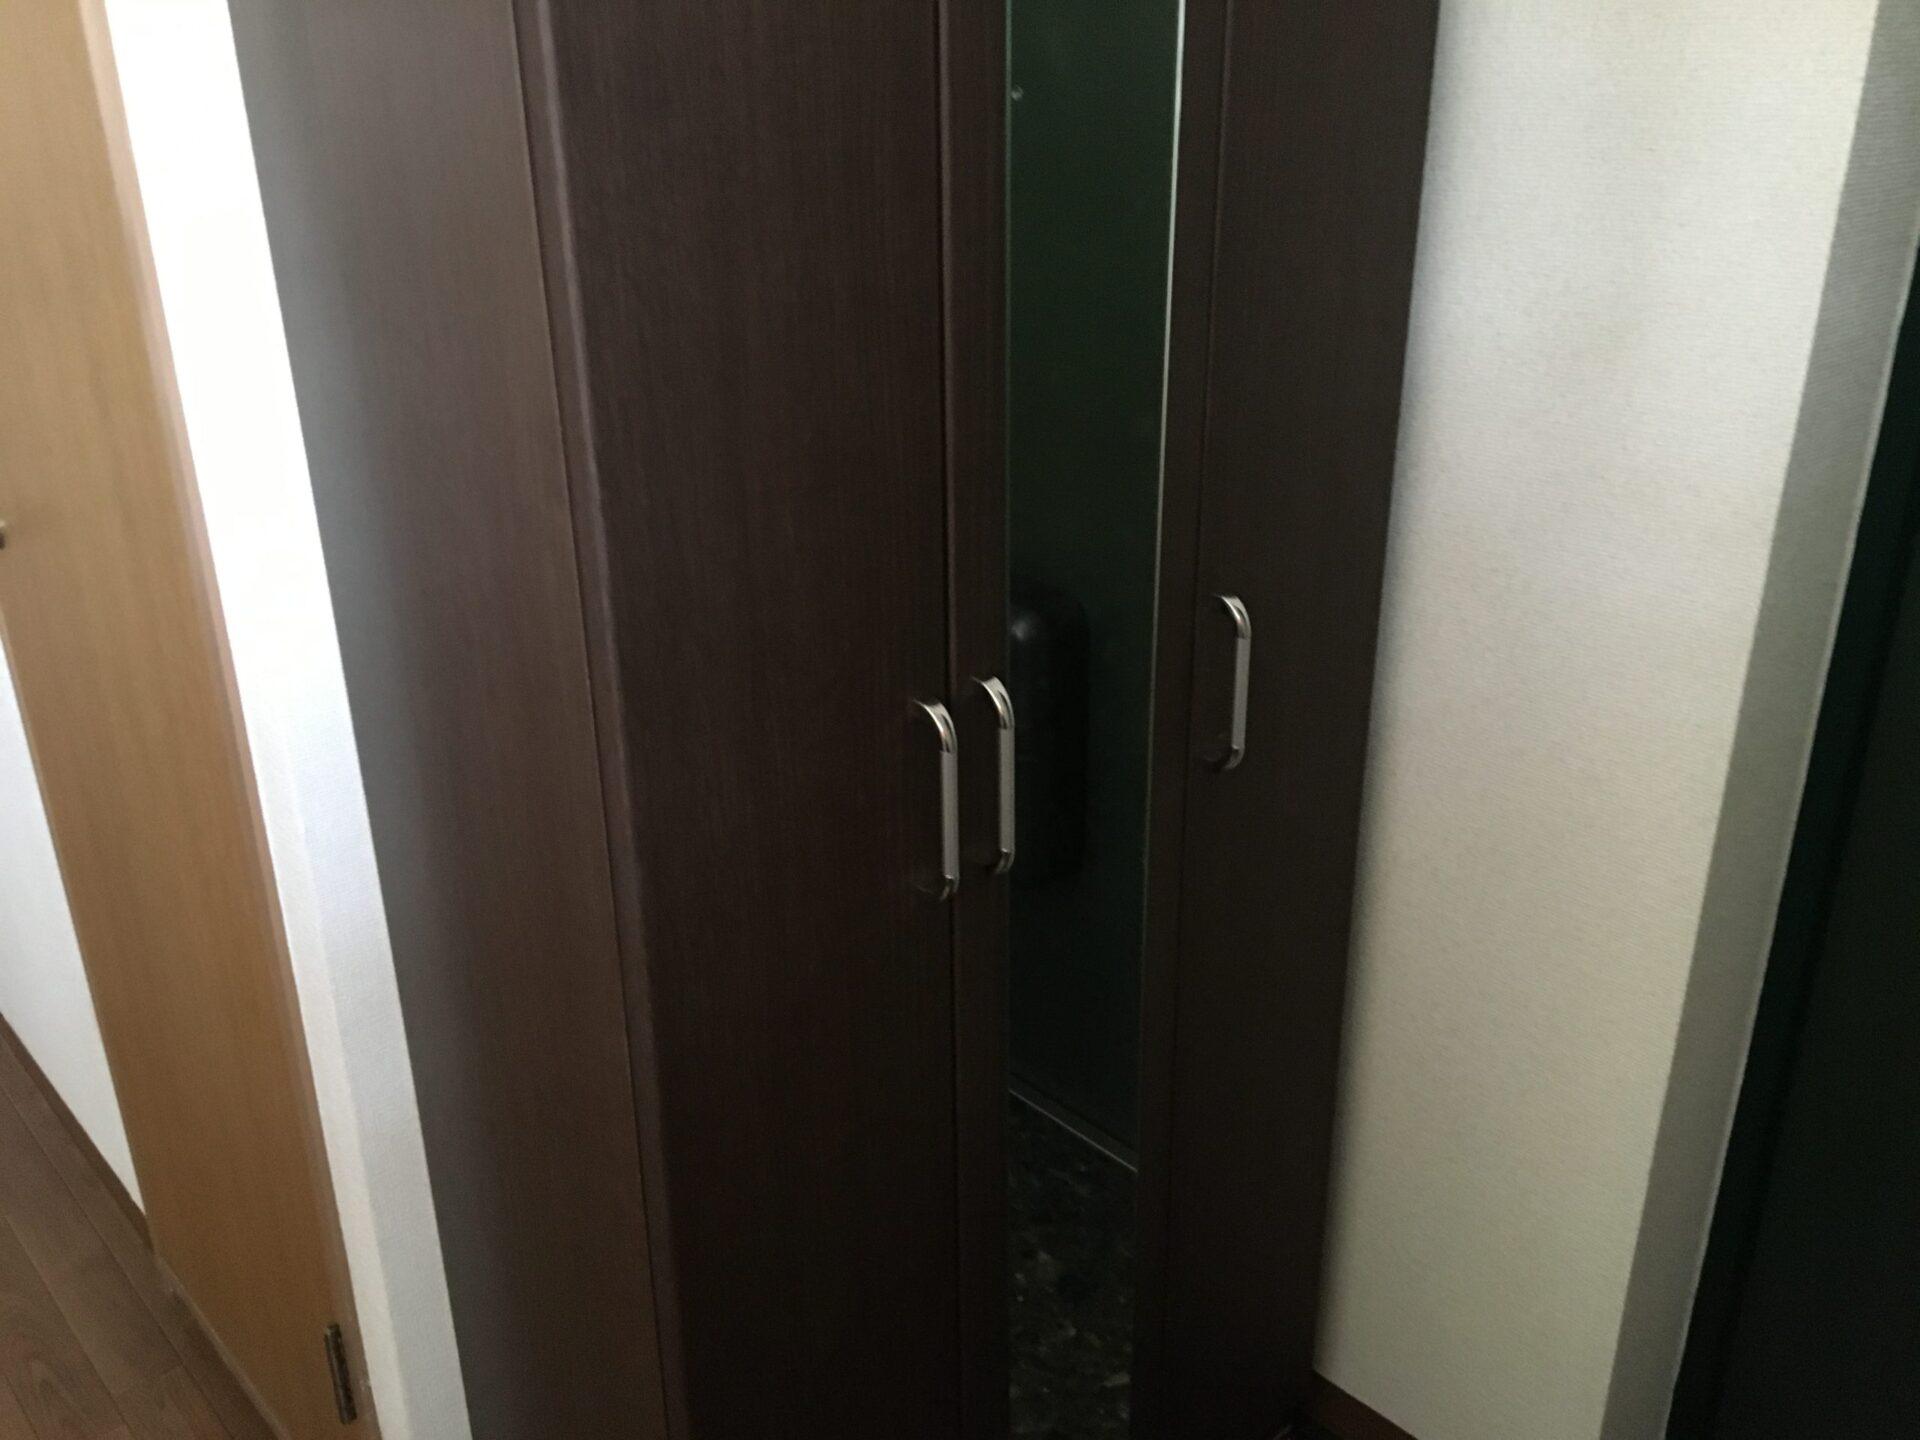 【愛知県名古屋市東区】玄関のスペース拡大のための下駄箱の引き取り